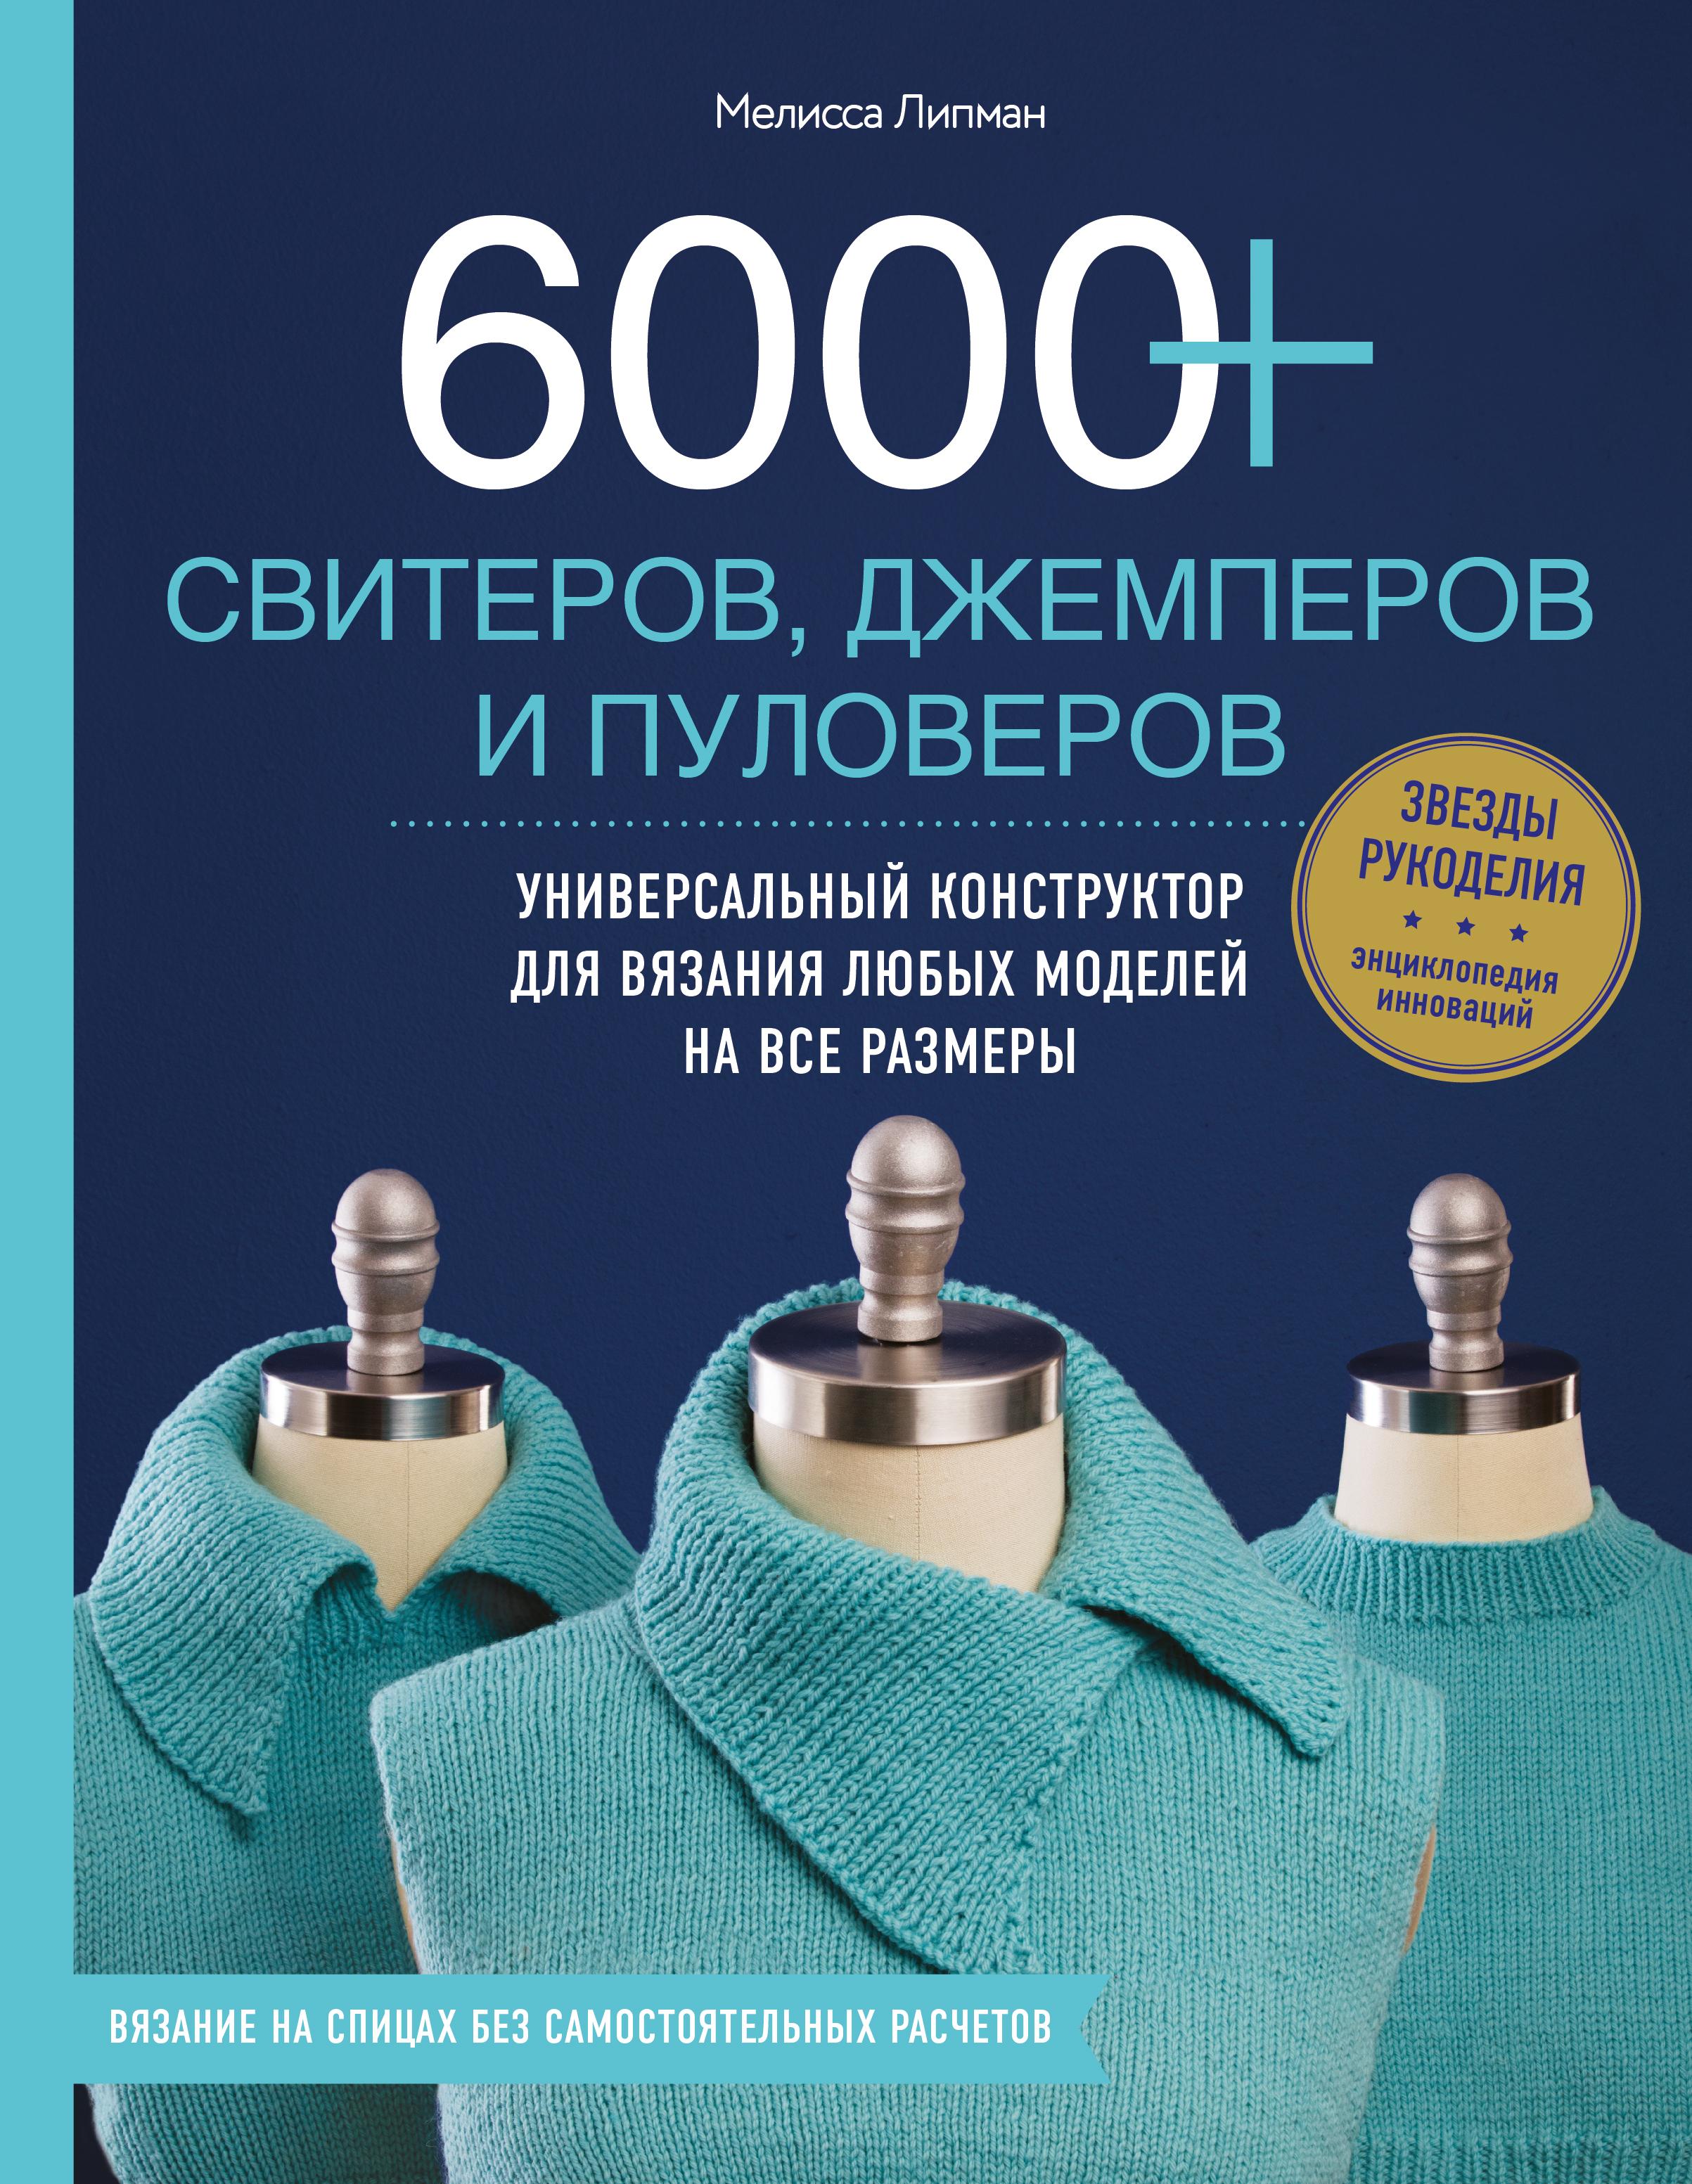 Мелисса Липман 6000+ свитеров, джемперов и пуловеров. Универсальный конструктор для вязания любых моделей на все размеры 6000 свитеров джемперов и пуловеров купить